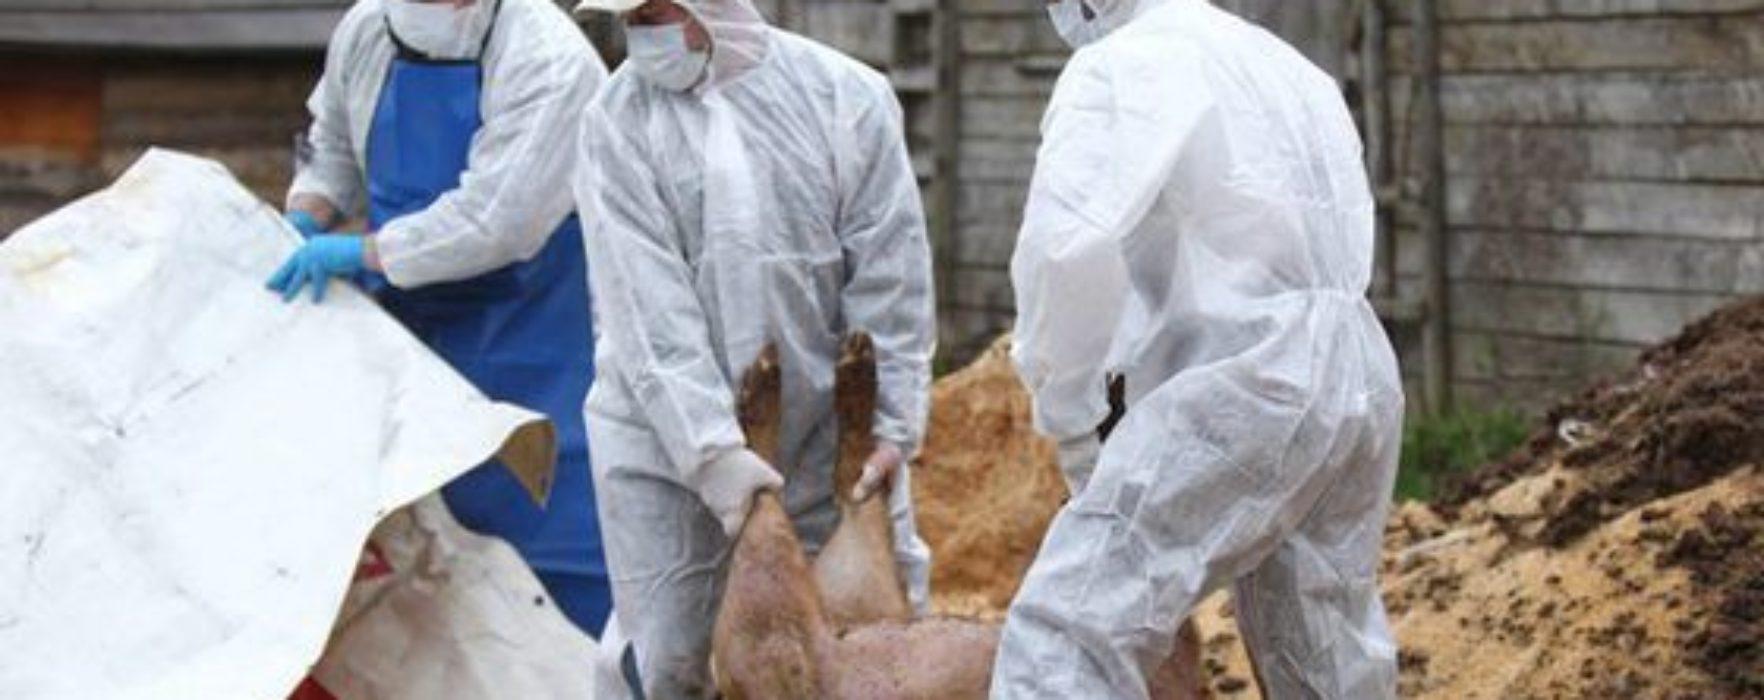 Dâmboviţa: Pestă porcină într-un fond de vânătoare şi în mai multe gospodării